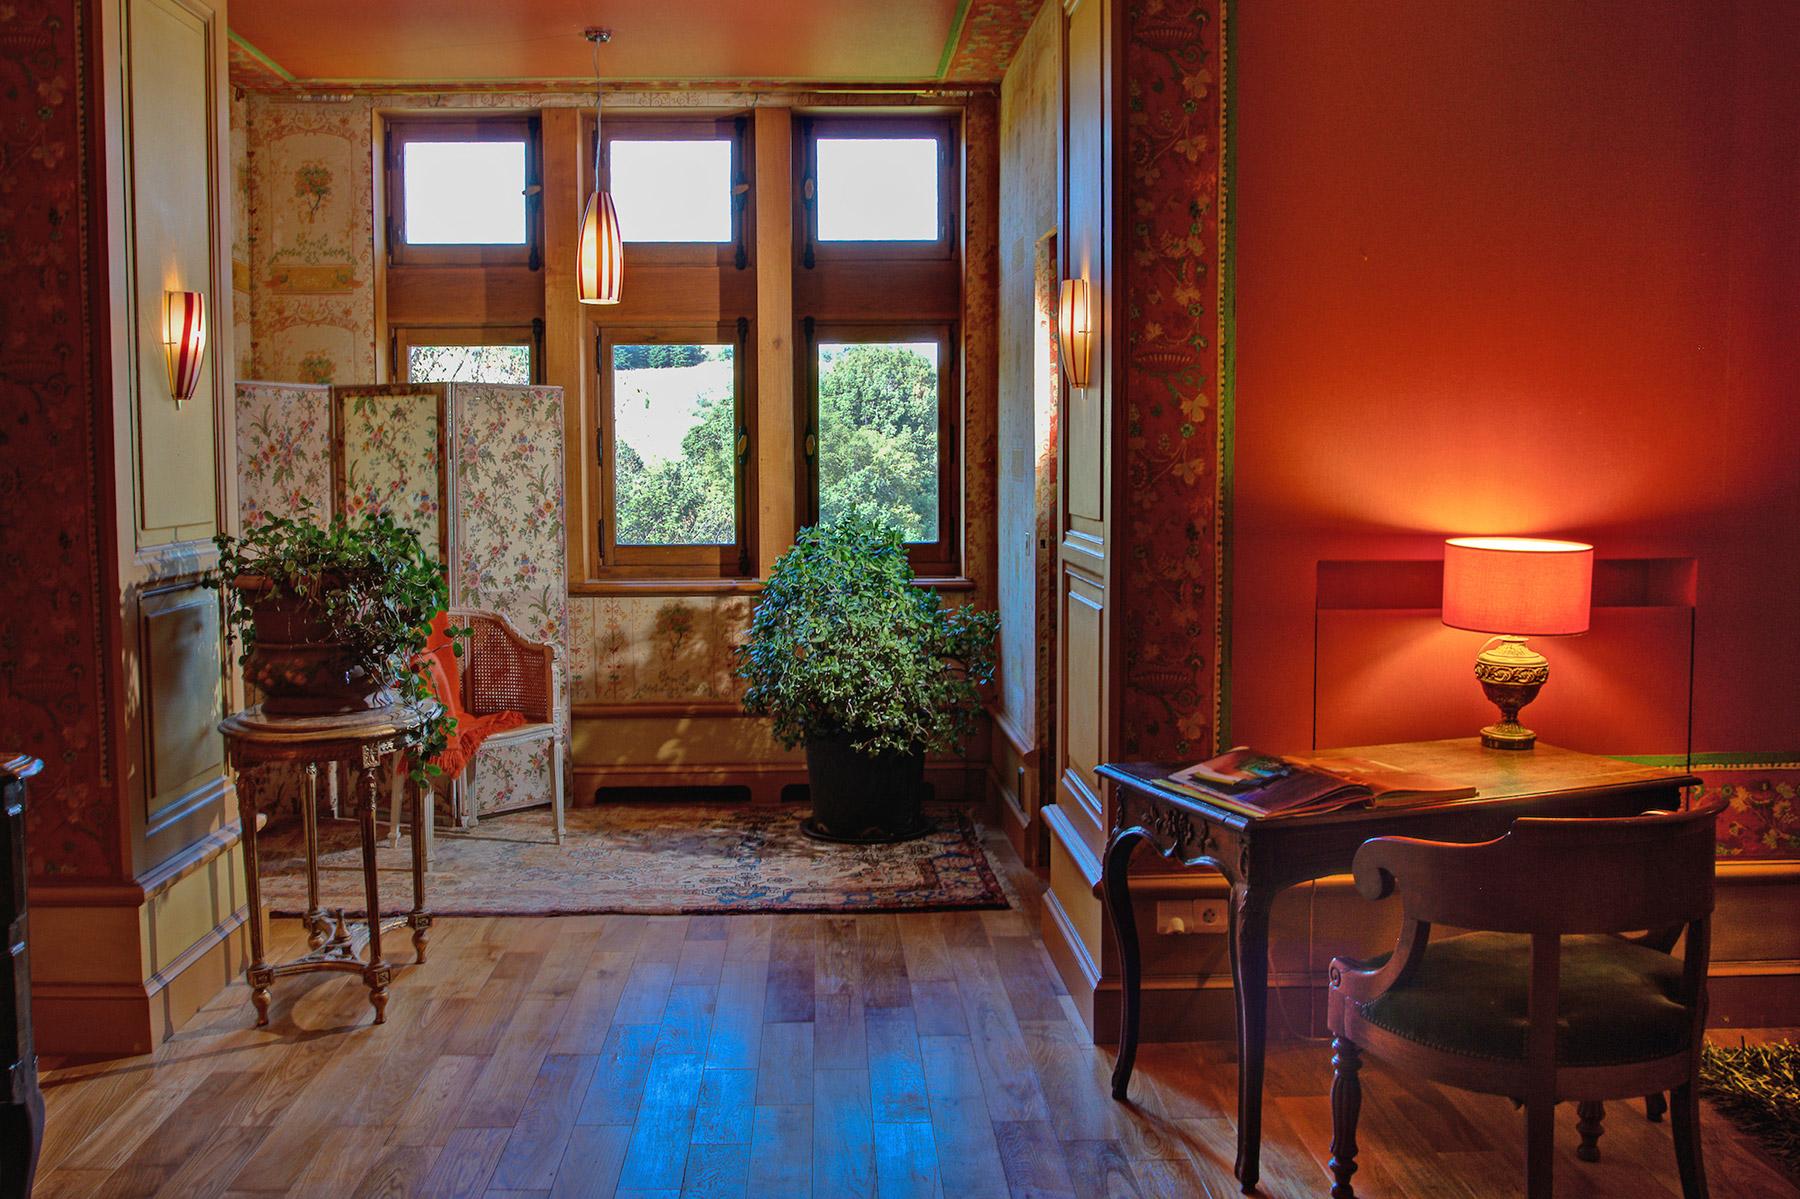 Votre suite d 39 h tel luxe ch teau du besset proche valence - Chambre et table d hote ardeche ...